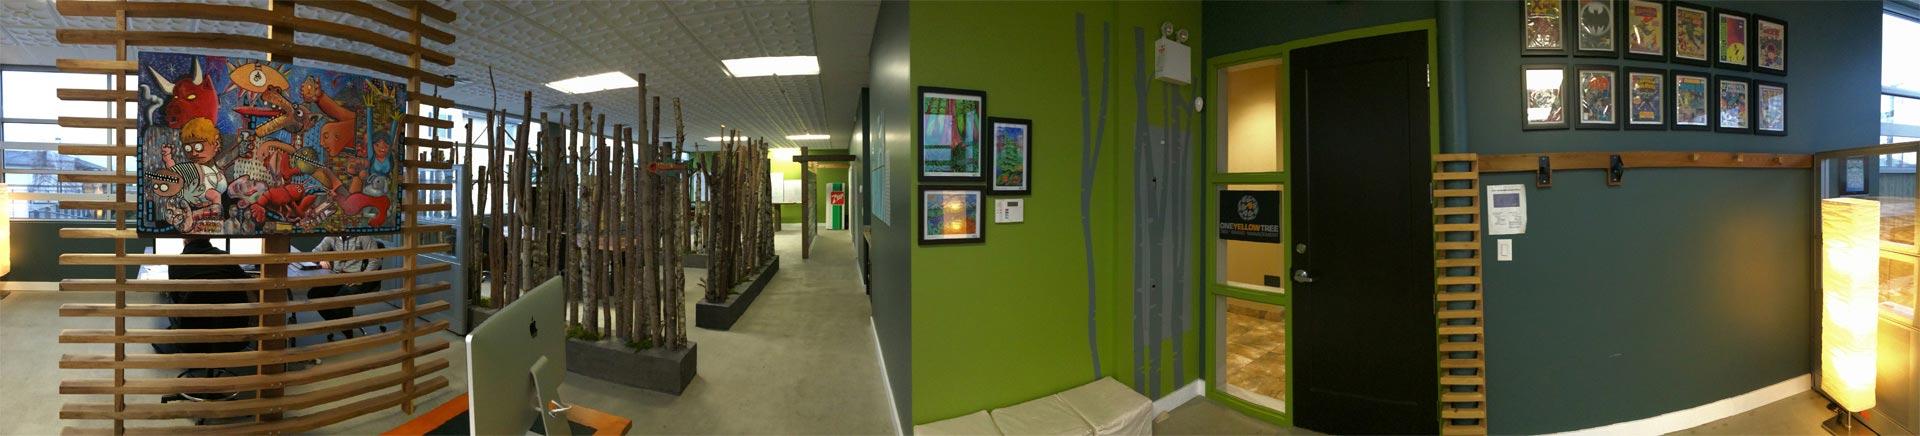 Chilliwack Website Design - Chilliwack Office